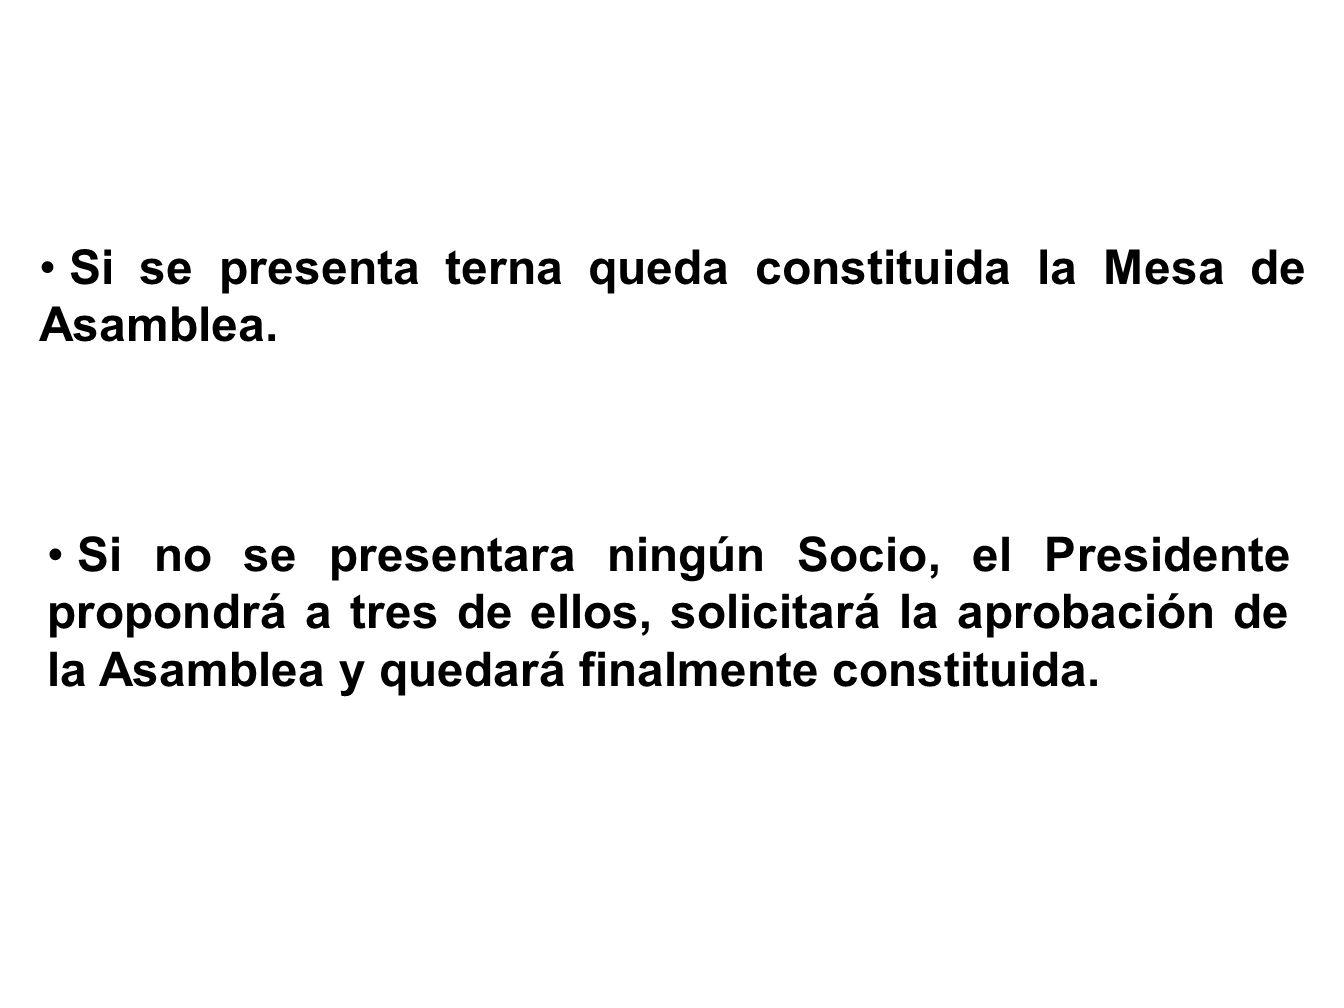 El Presidente del Consejo de Mayores de La Solana, D. Alfonso Martínez López-Milla, convoca la presente Asamblea General para el año 2008, y solicita